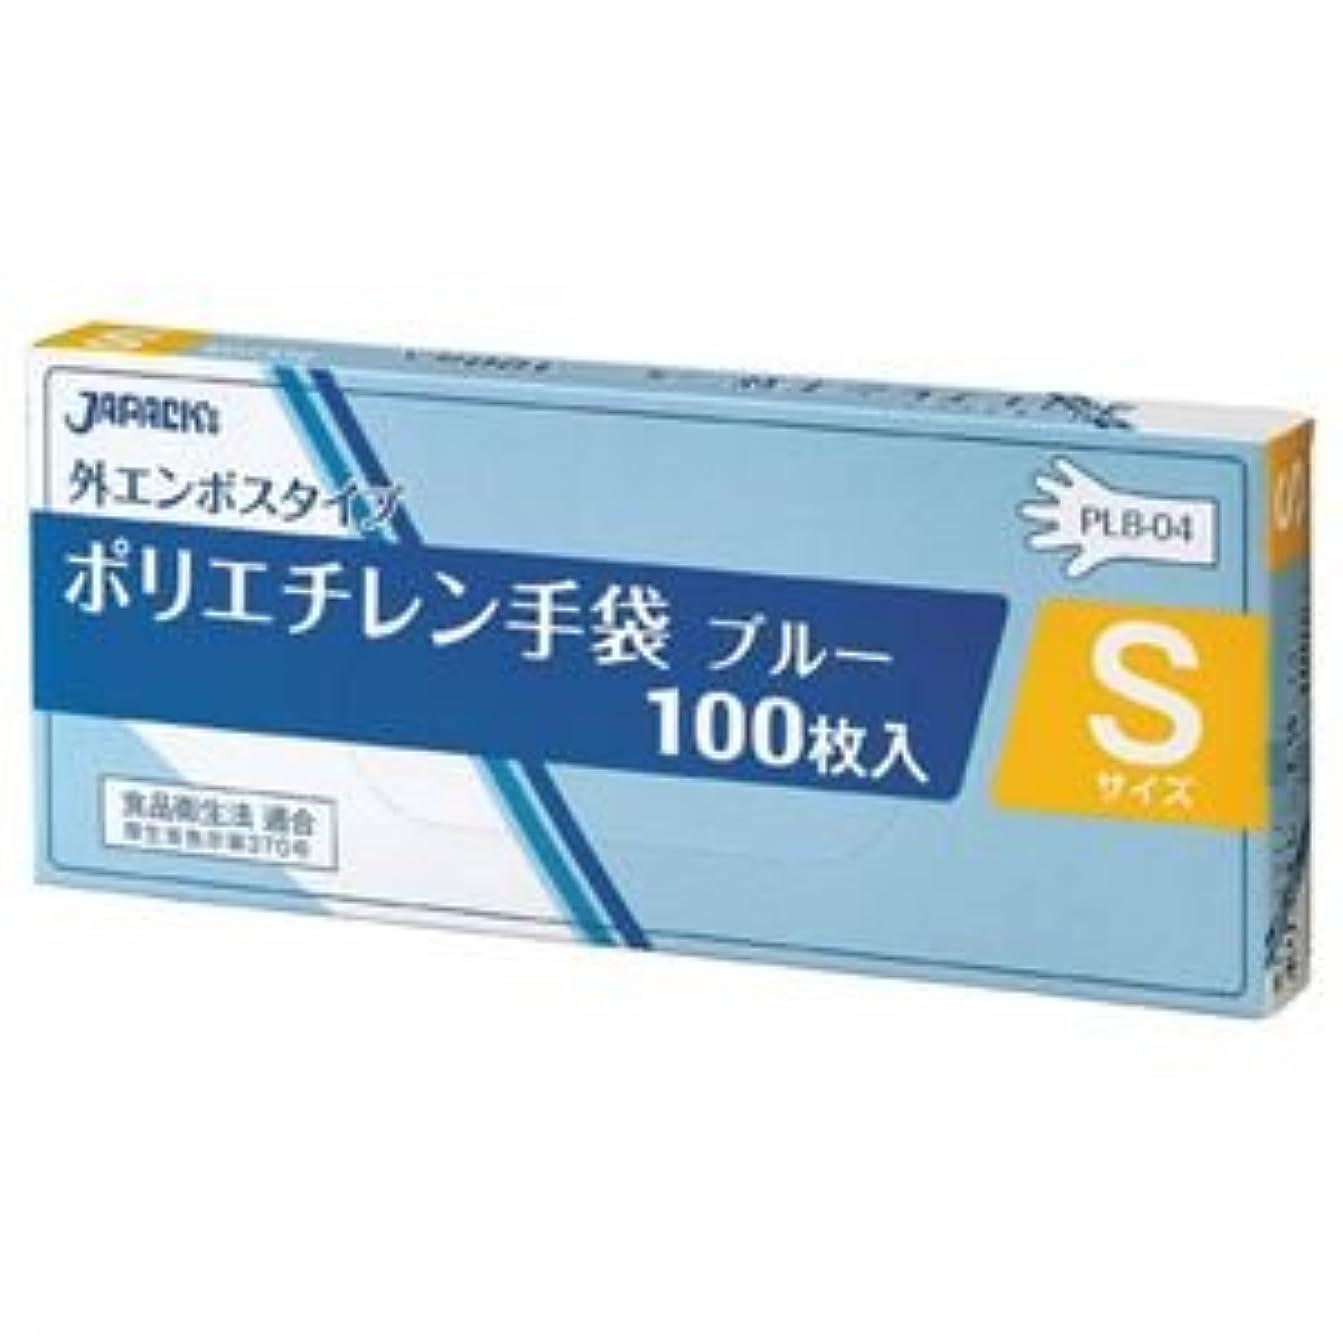 チャンスアラート旋回(まとめ) ジャパックス 外エンボスLDポリ手袋BOX S 青 PLB04 1パック(100枚) 【×20セット】 ds-1583312